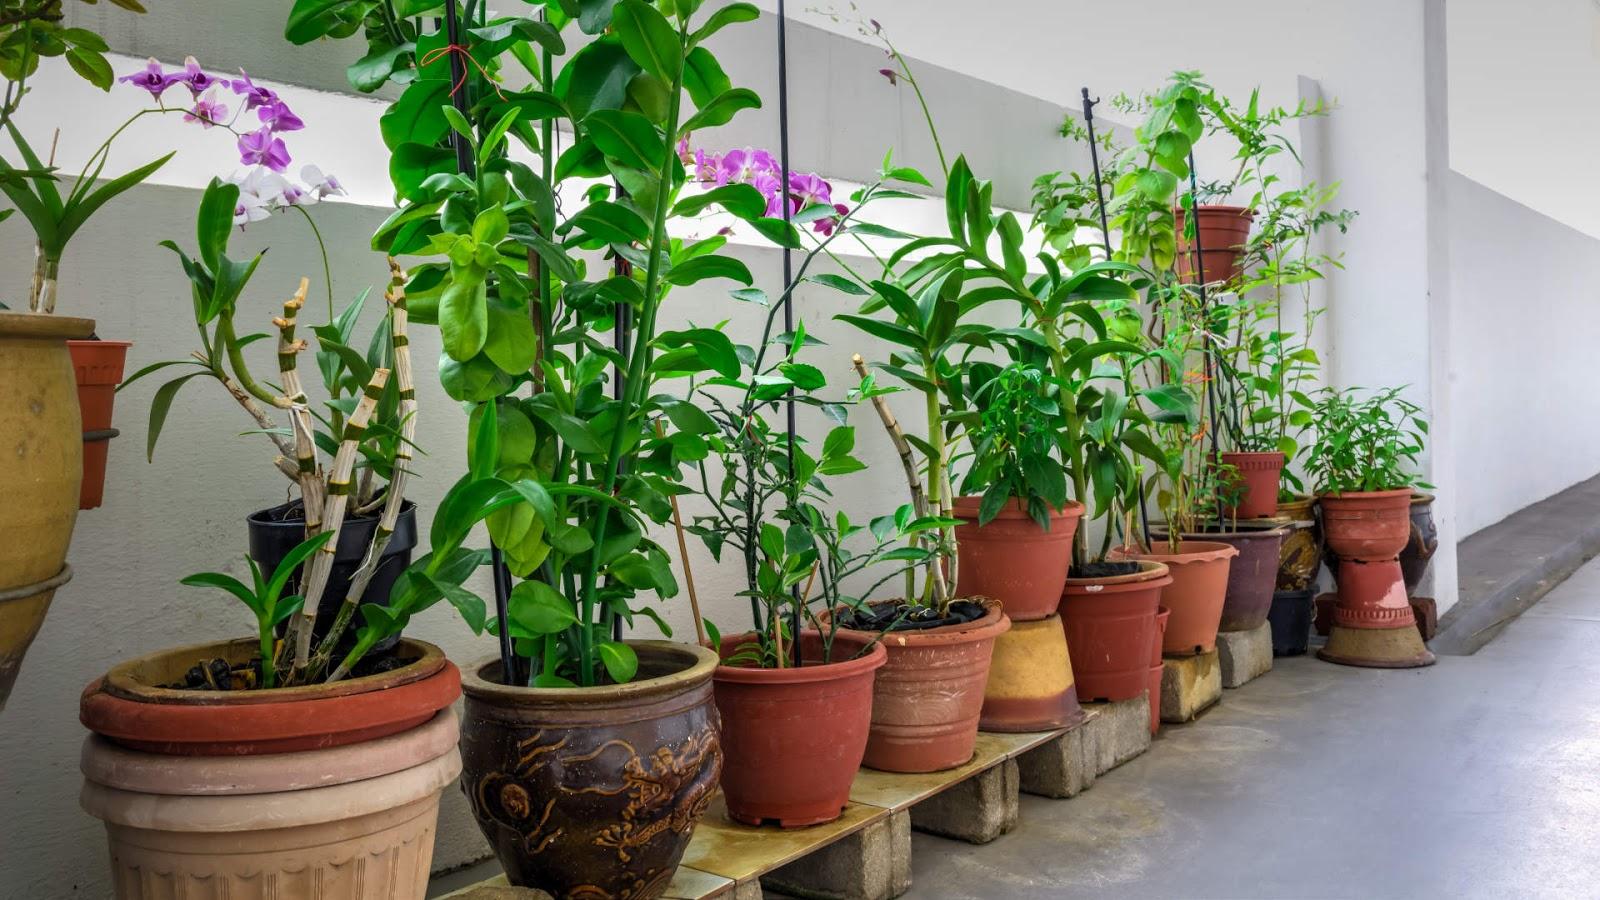 Plantas terrestres y acu ticas vivero green house for Plan de negocios de un vivero de plantas